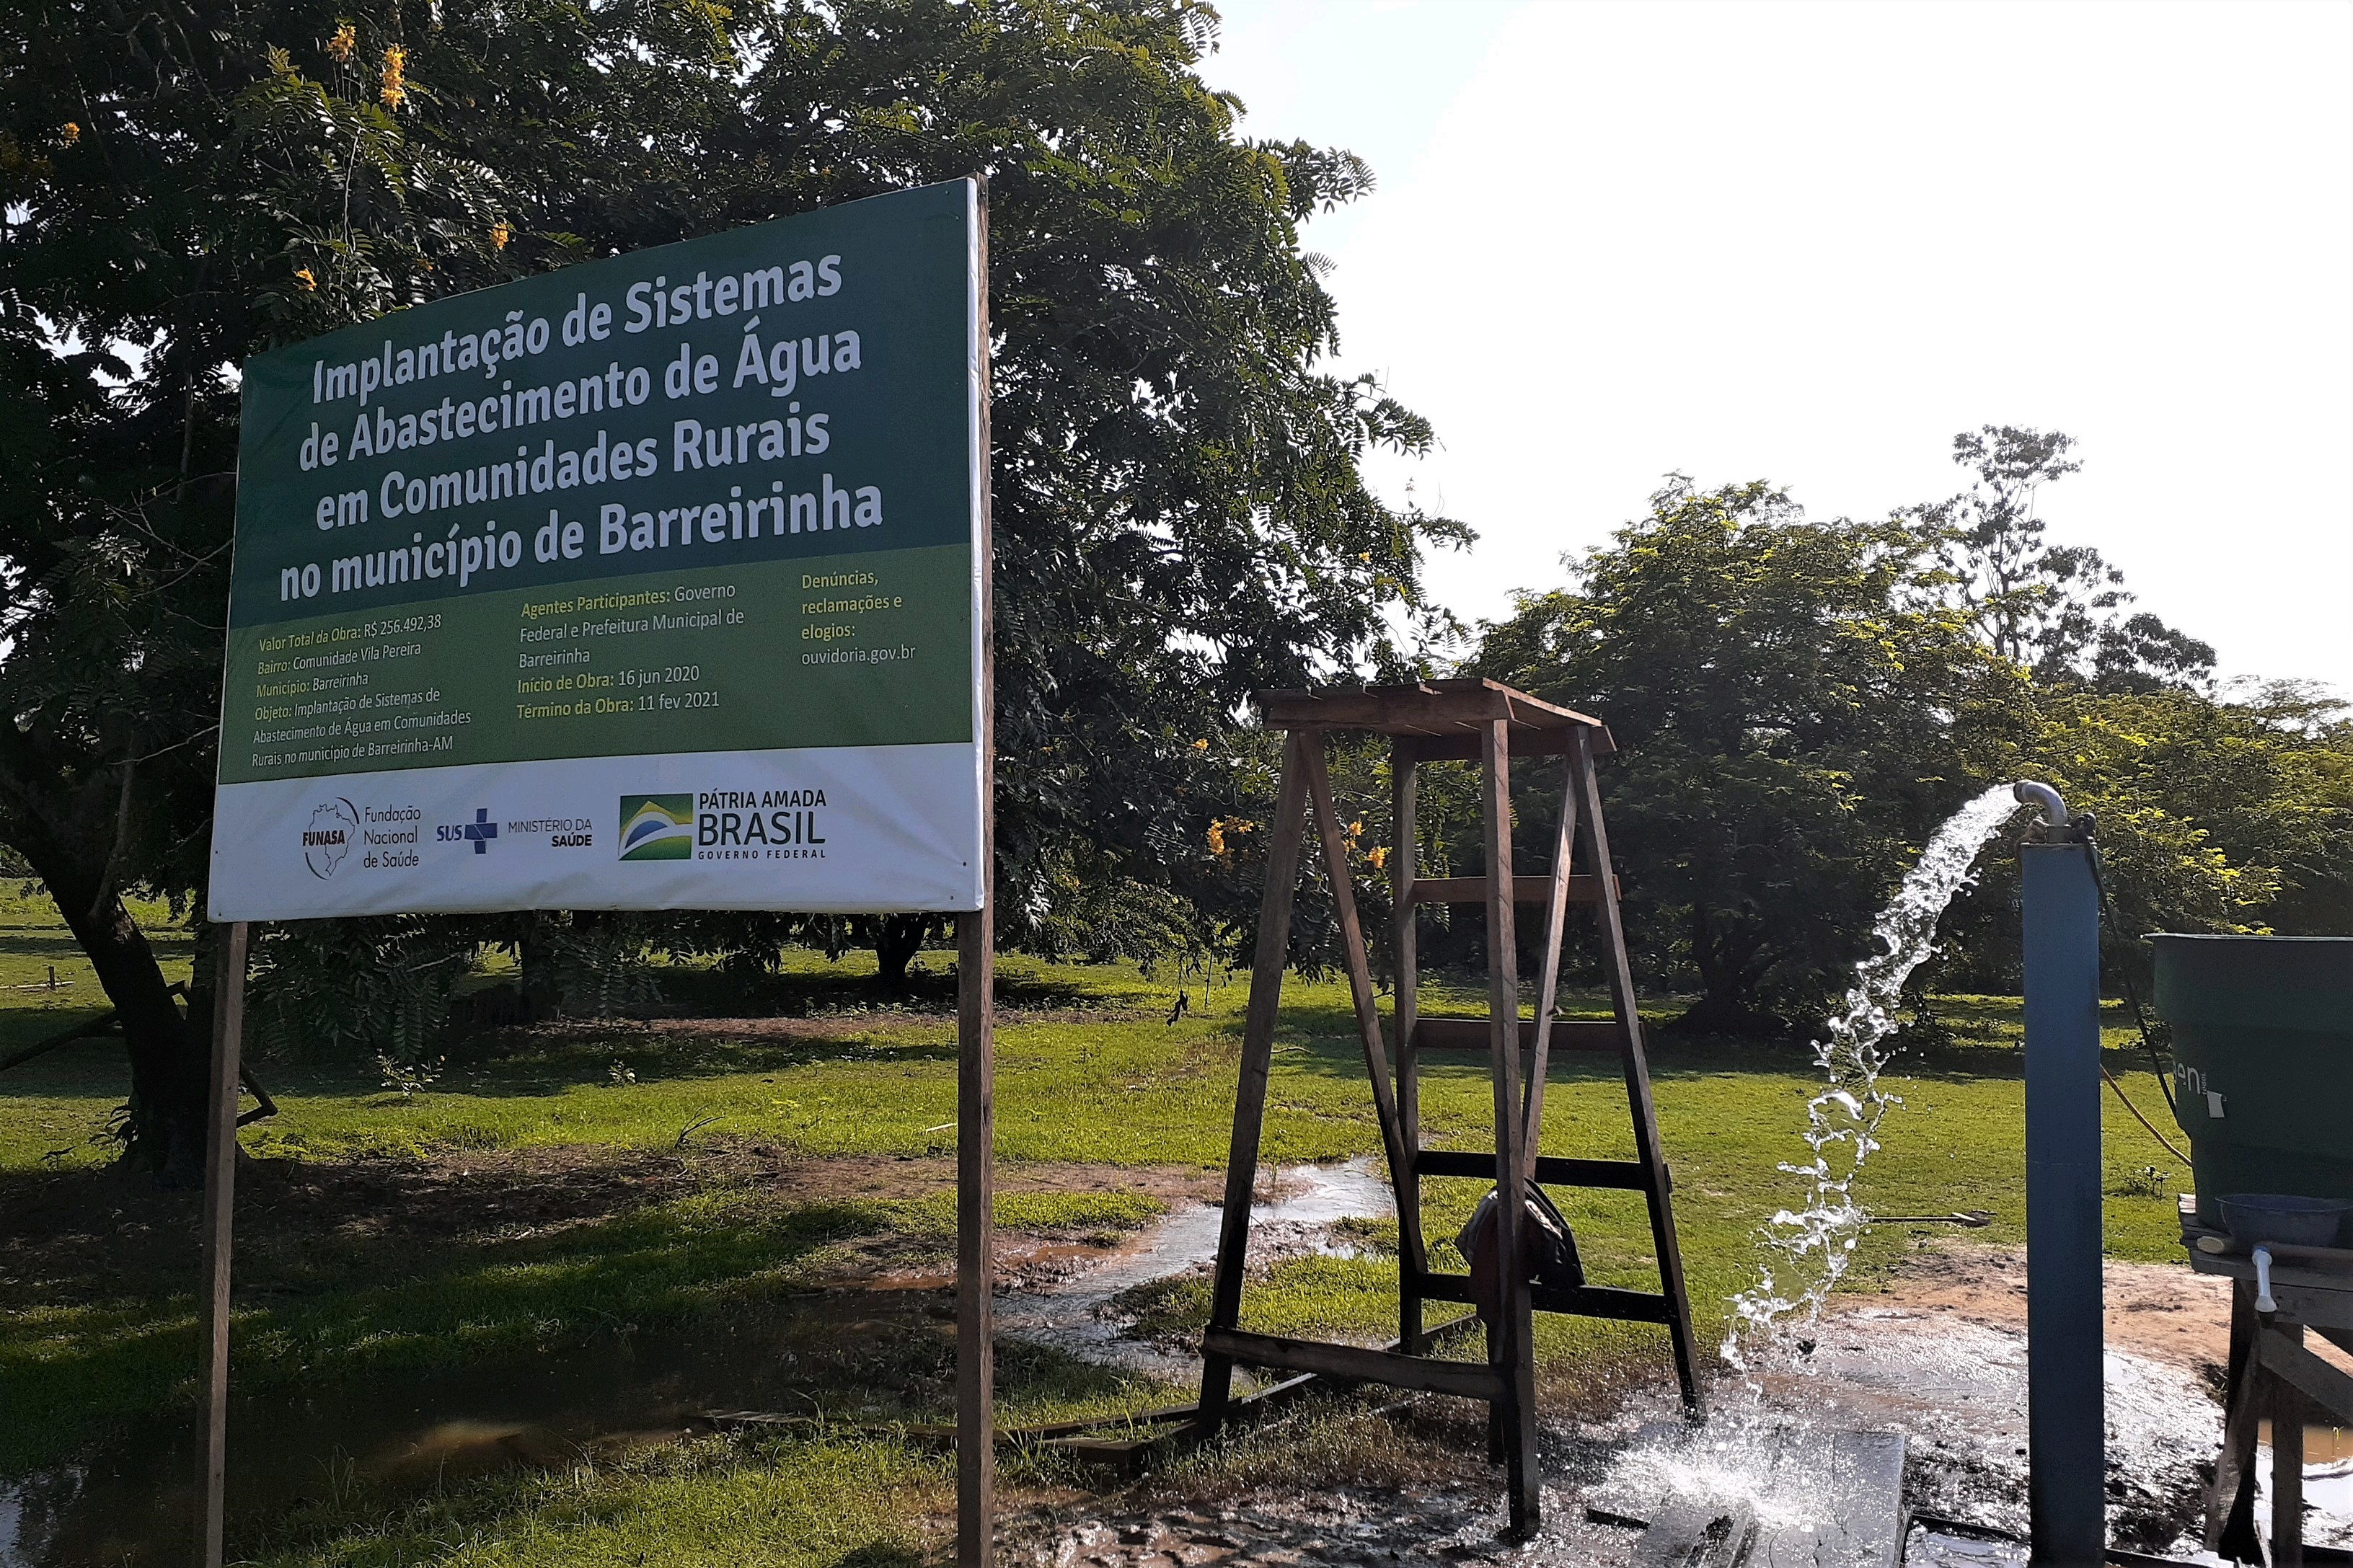 Funasa investe R$ 2,4 milhões em Sistemas de Abastecimento de Água no Amazonas